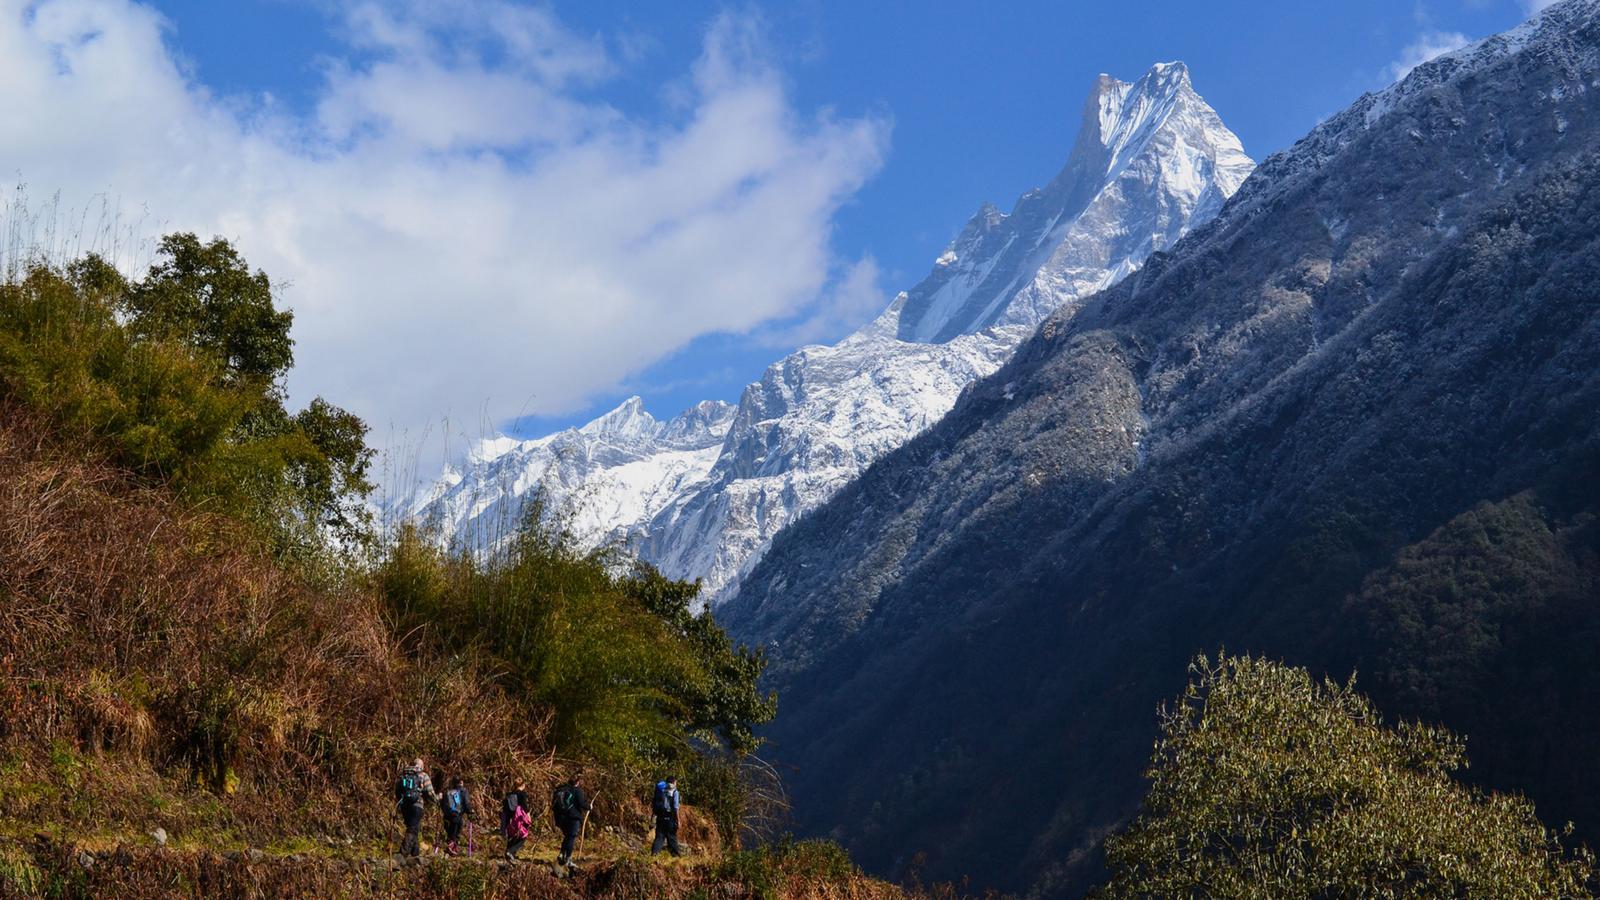 Les plus beaux sommets de montagne en photos